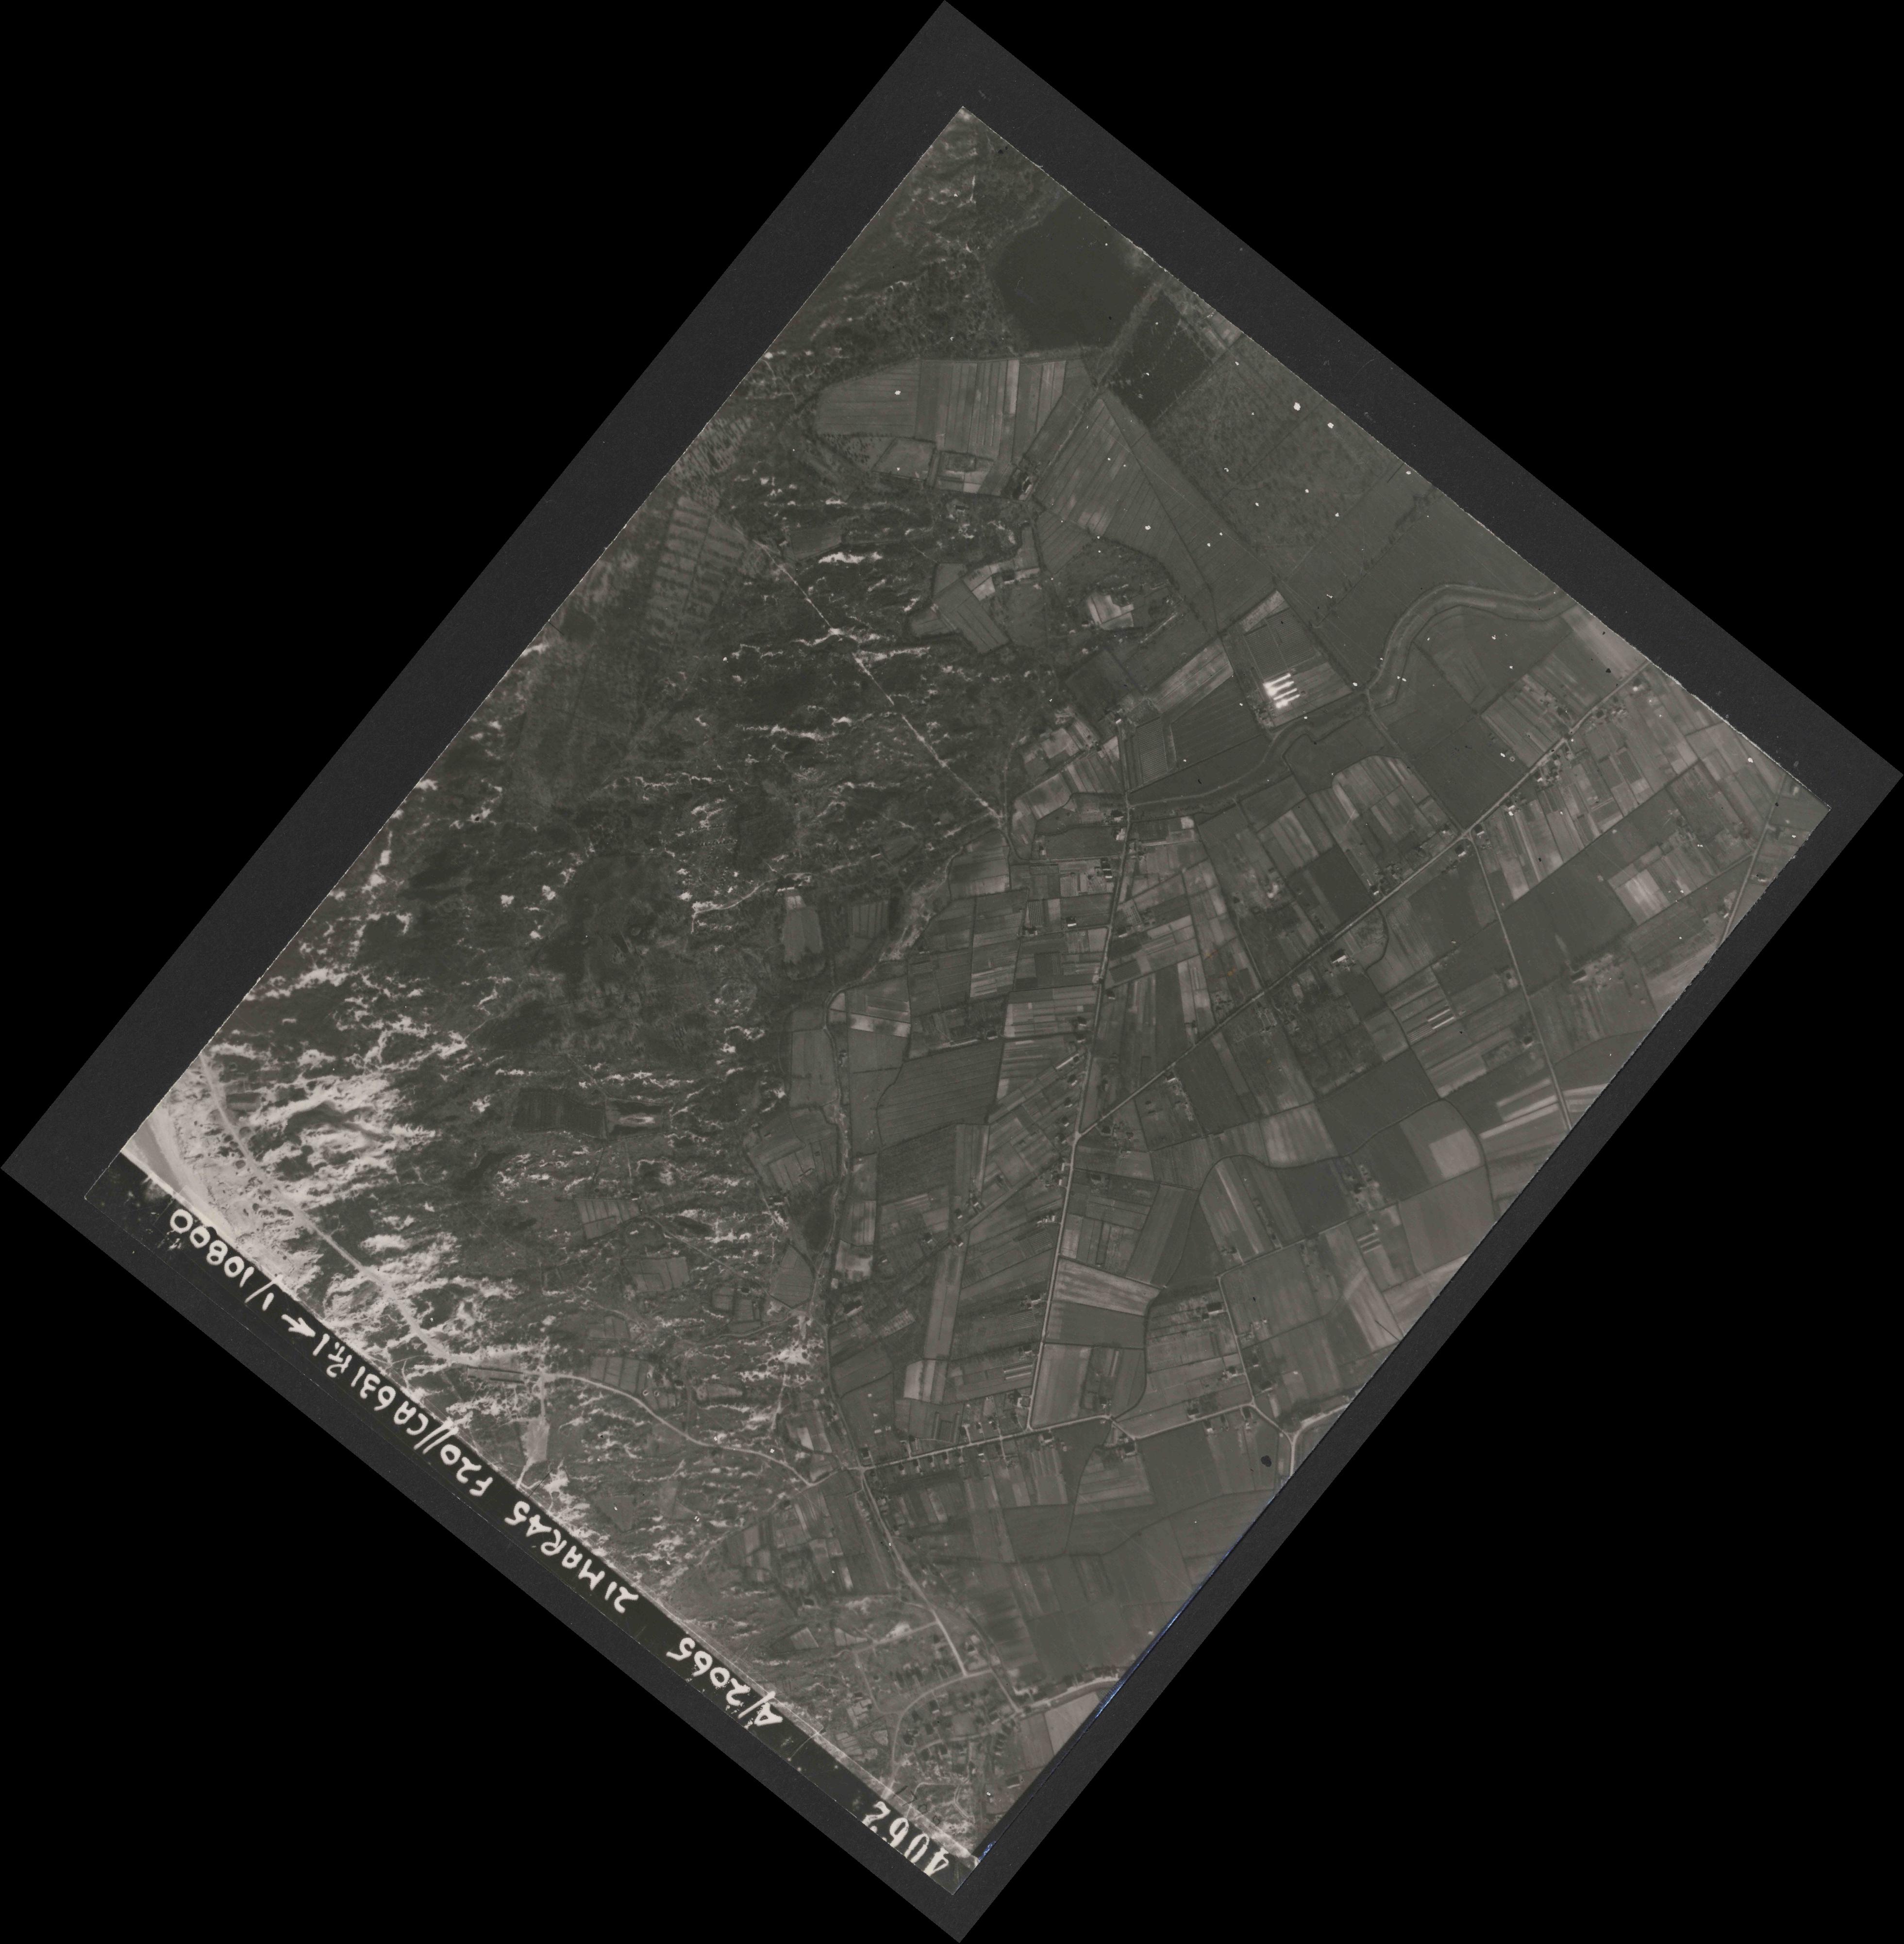 Collection RAF aerial photos 1940-1945 - flight 308, run 02, photo 4062